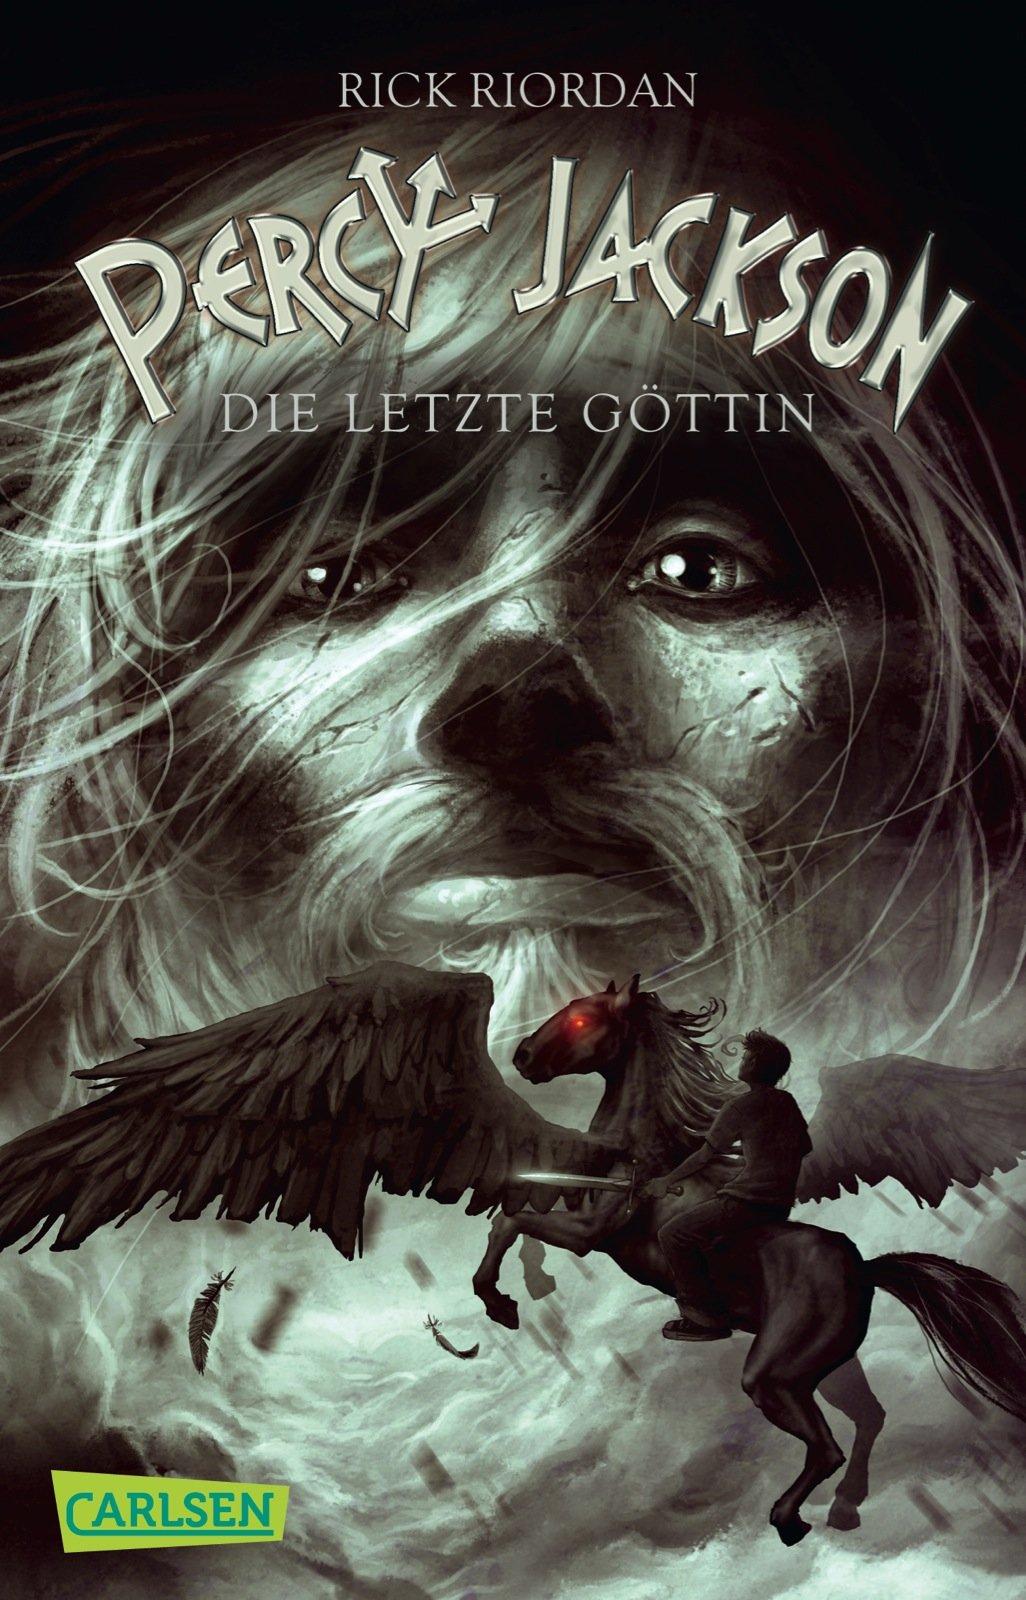 Percy Jackson - Die letzte Göttin (Percy Jackson 5) Taschenbuch – 23. August 2013 Rick Riordan Gabriele Haefs Carlsen 355131246X